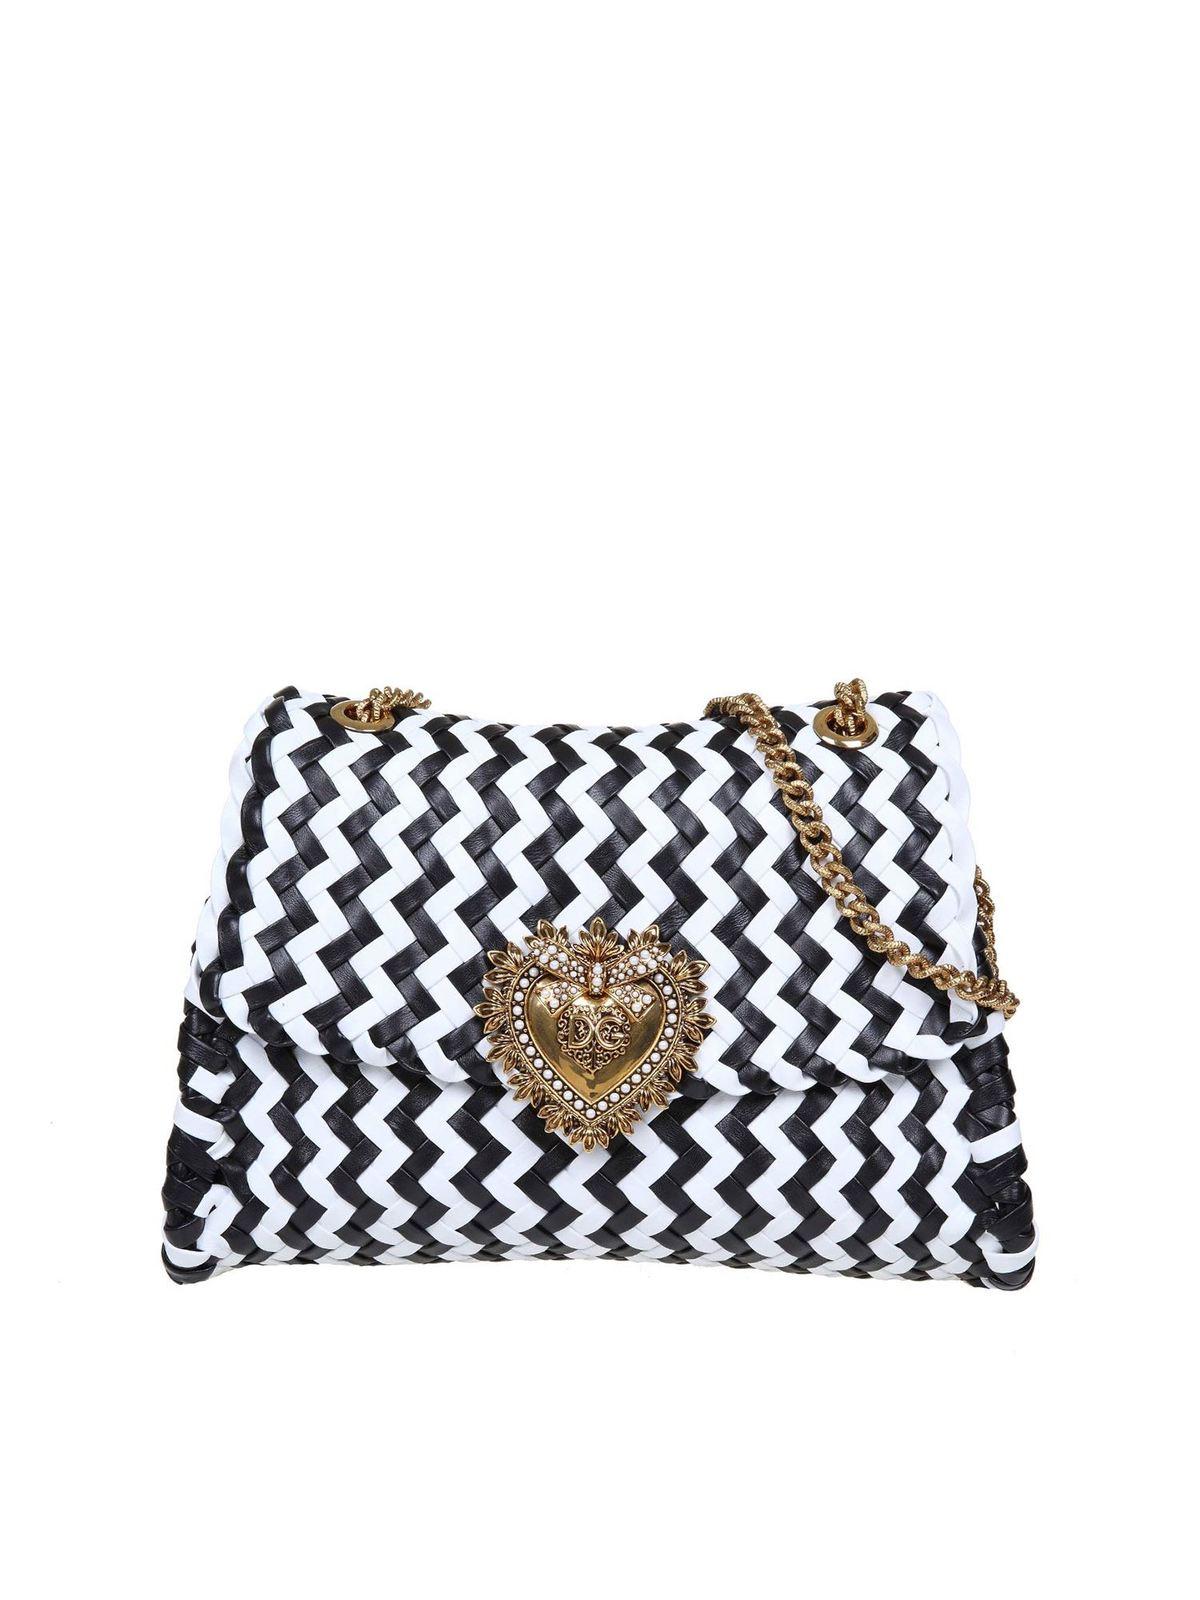 Dolce & Gabbana Devotion Shoulder Bag In Black And White